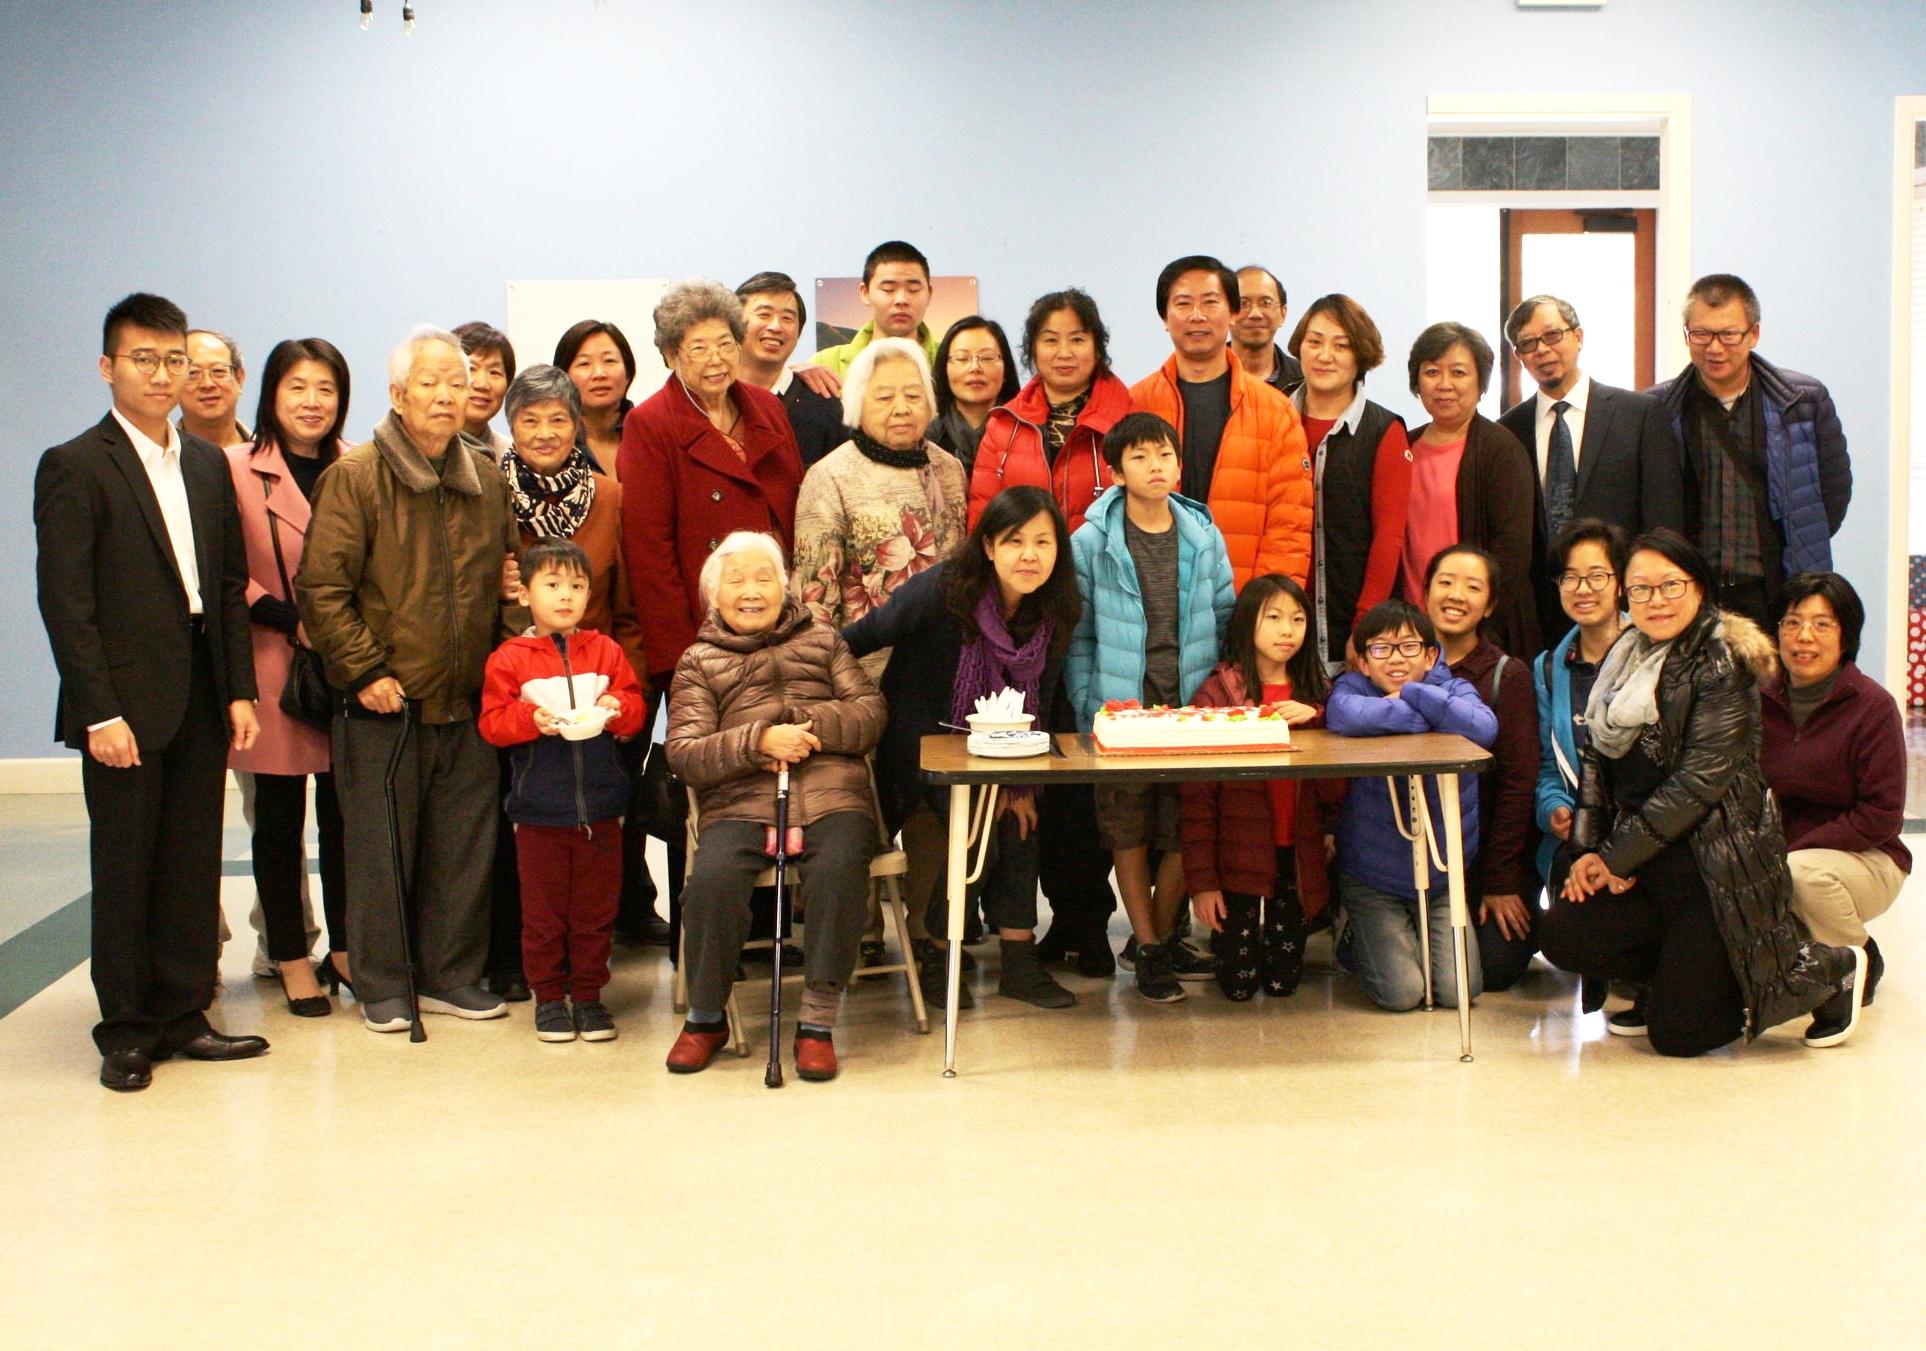 中文部的弟兄姐妹歡慶Tom弟兄和Mary姐妹加入新生命堂的大家庭